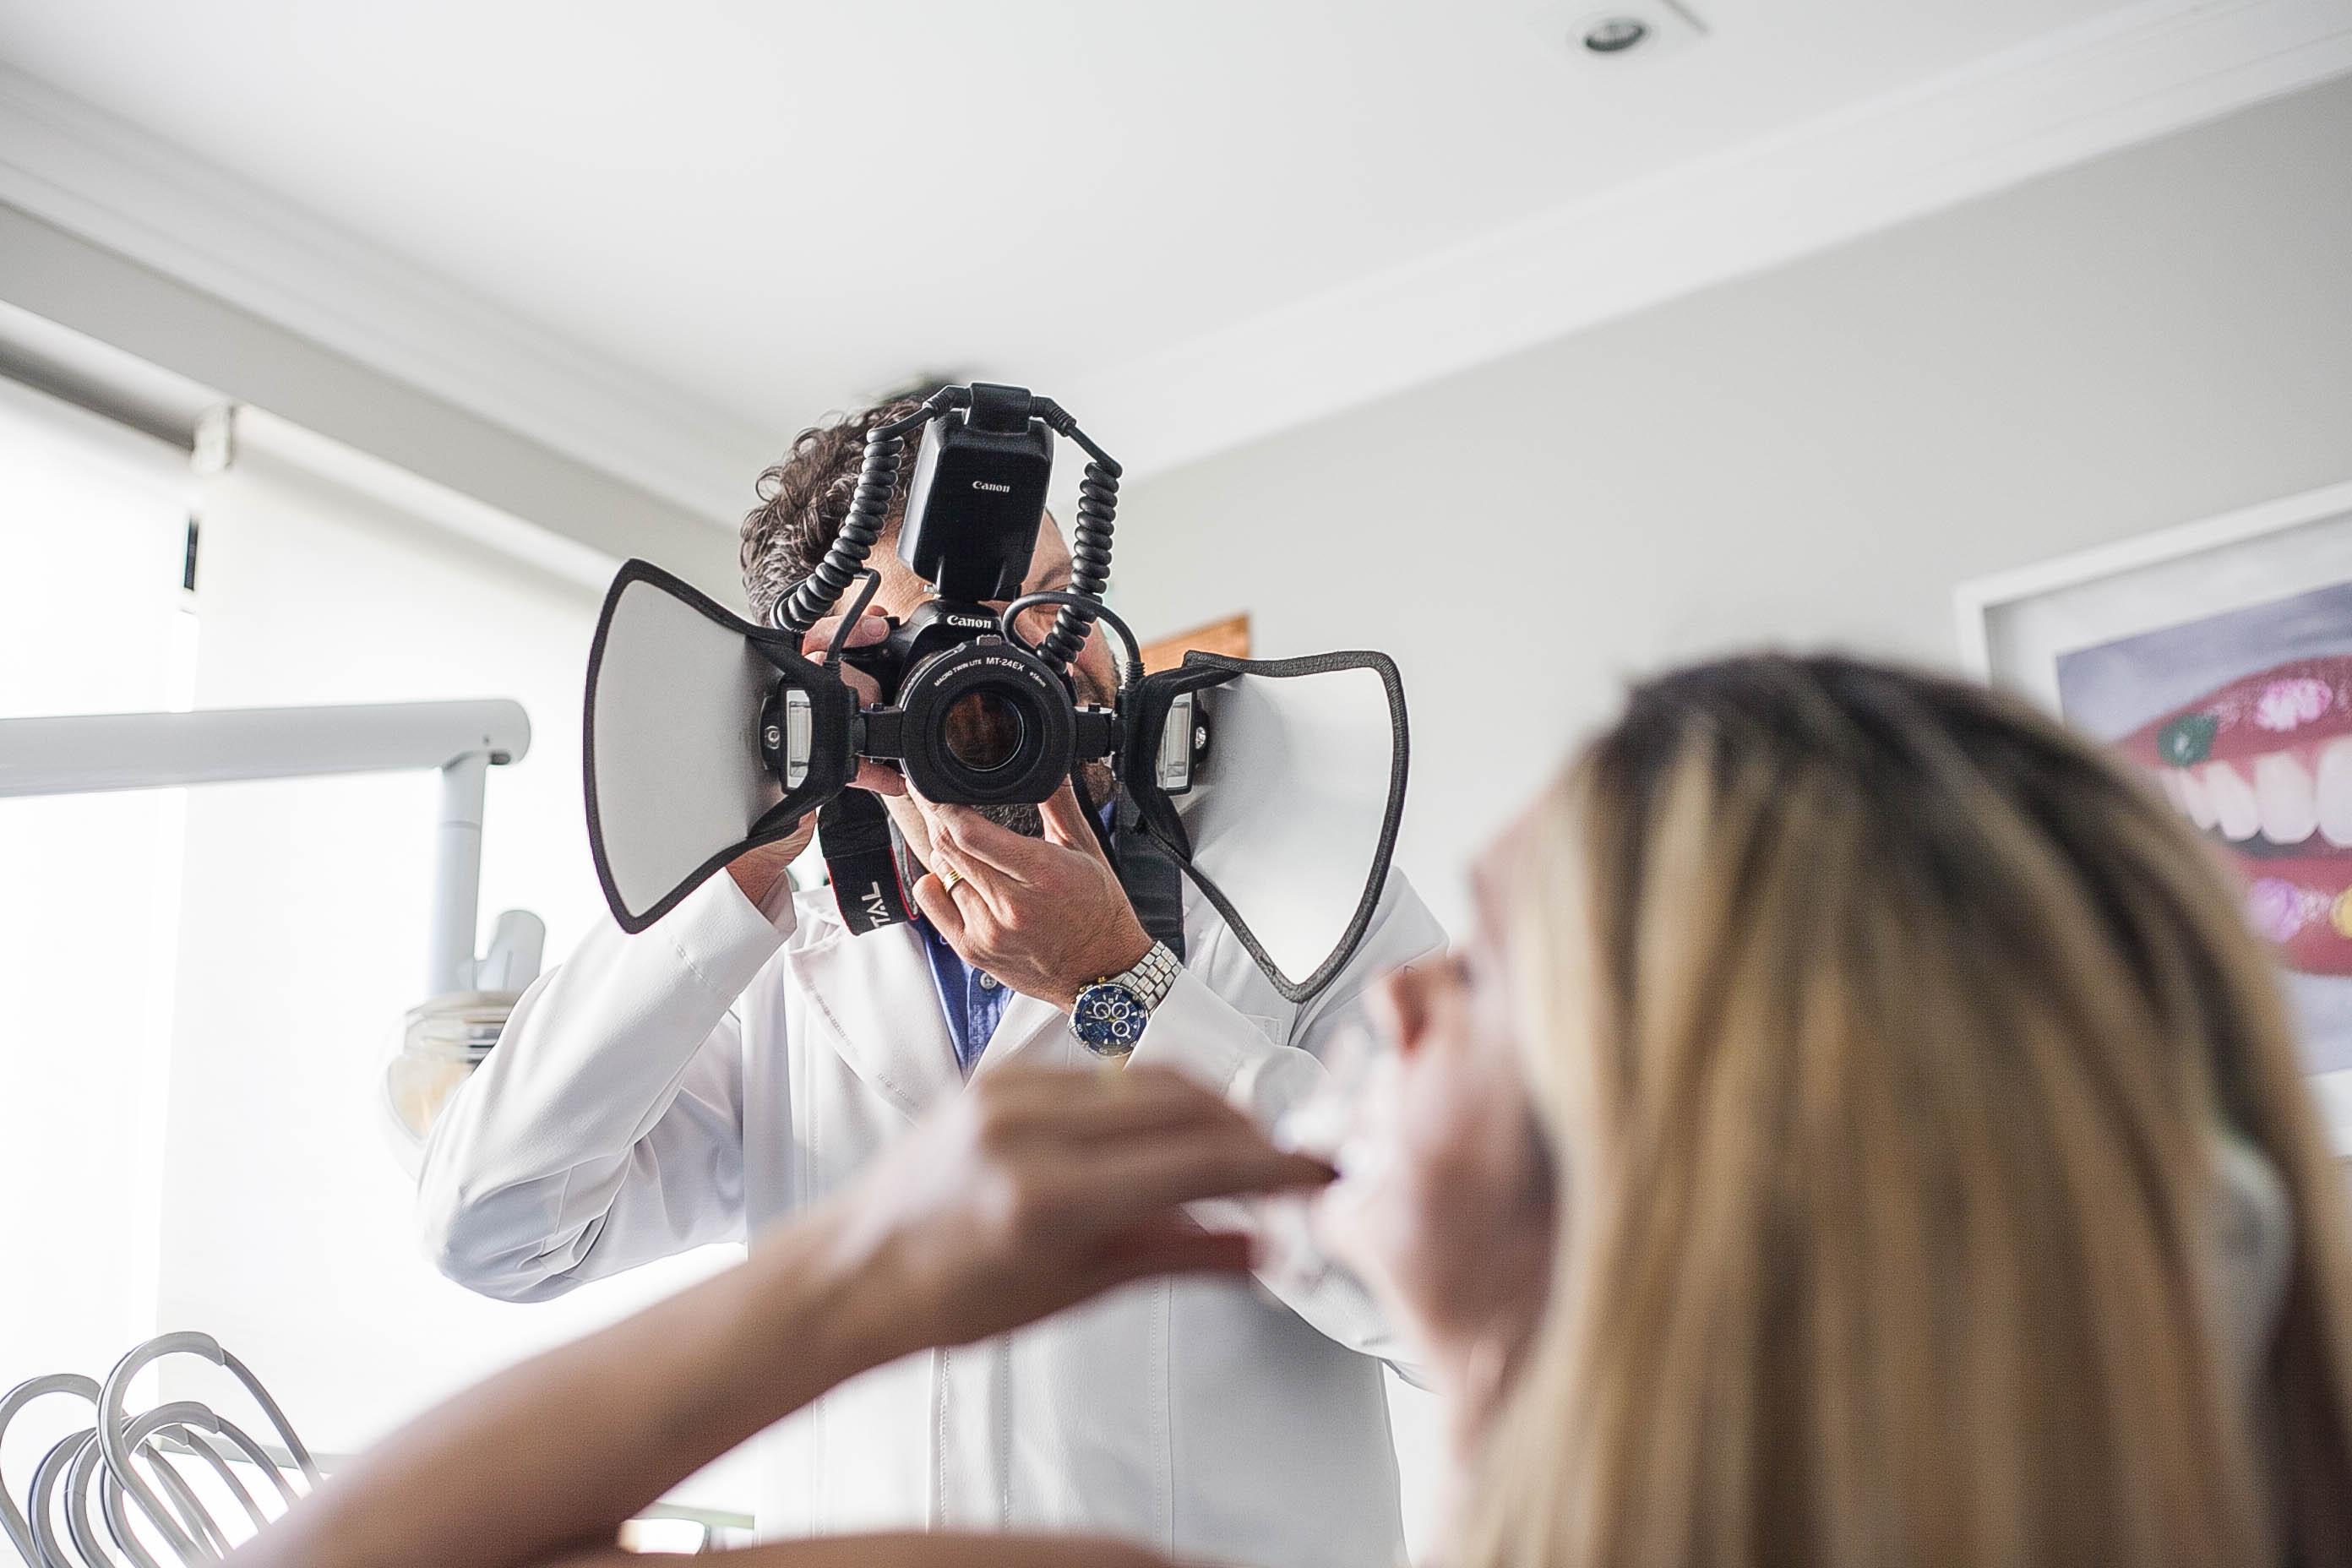 Clinica de reabilitação oral: conheça a Essencial Soluções Odontológicas